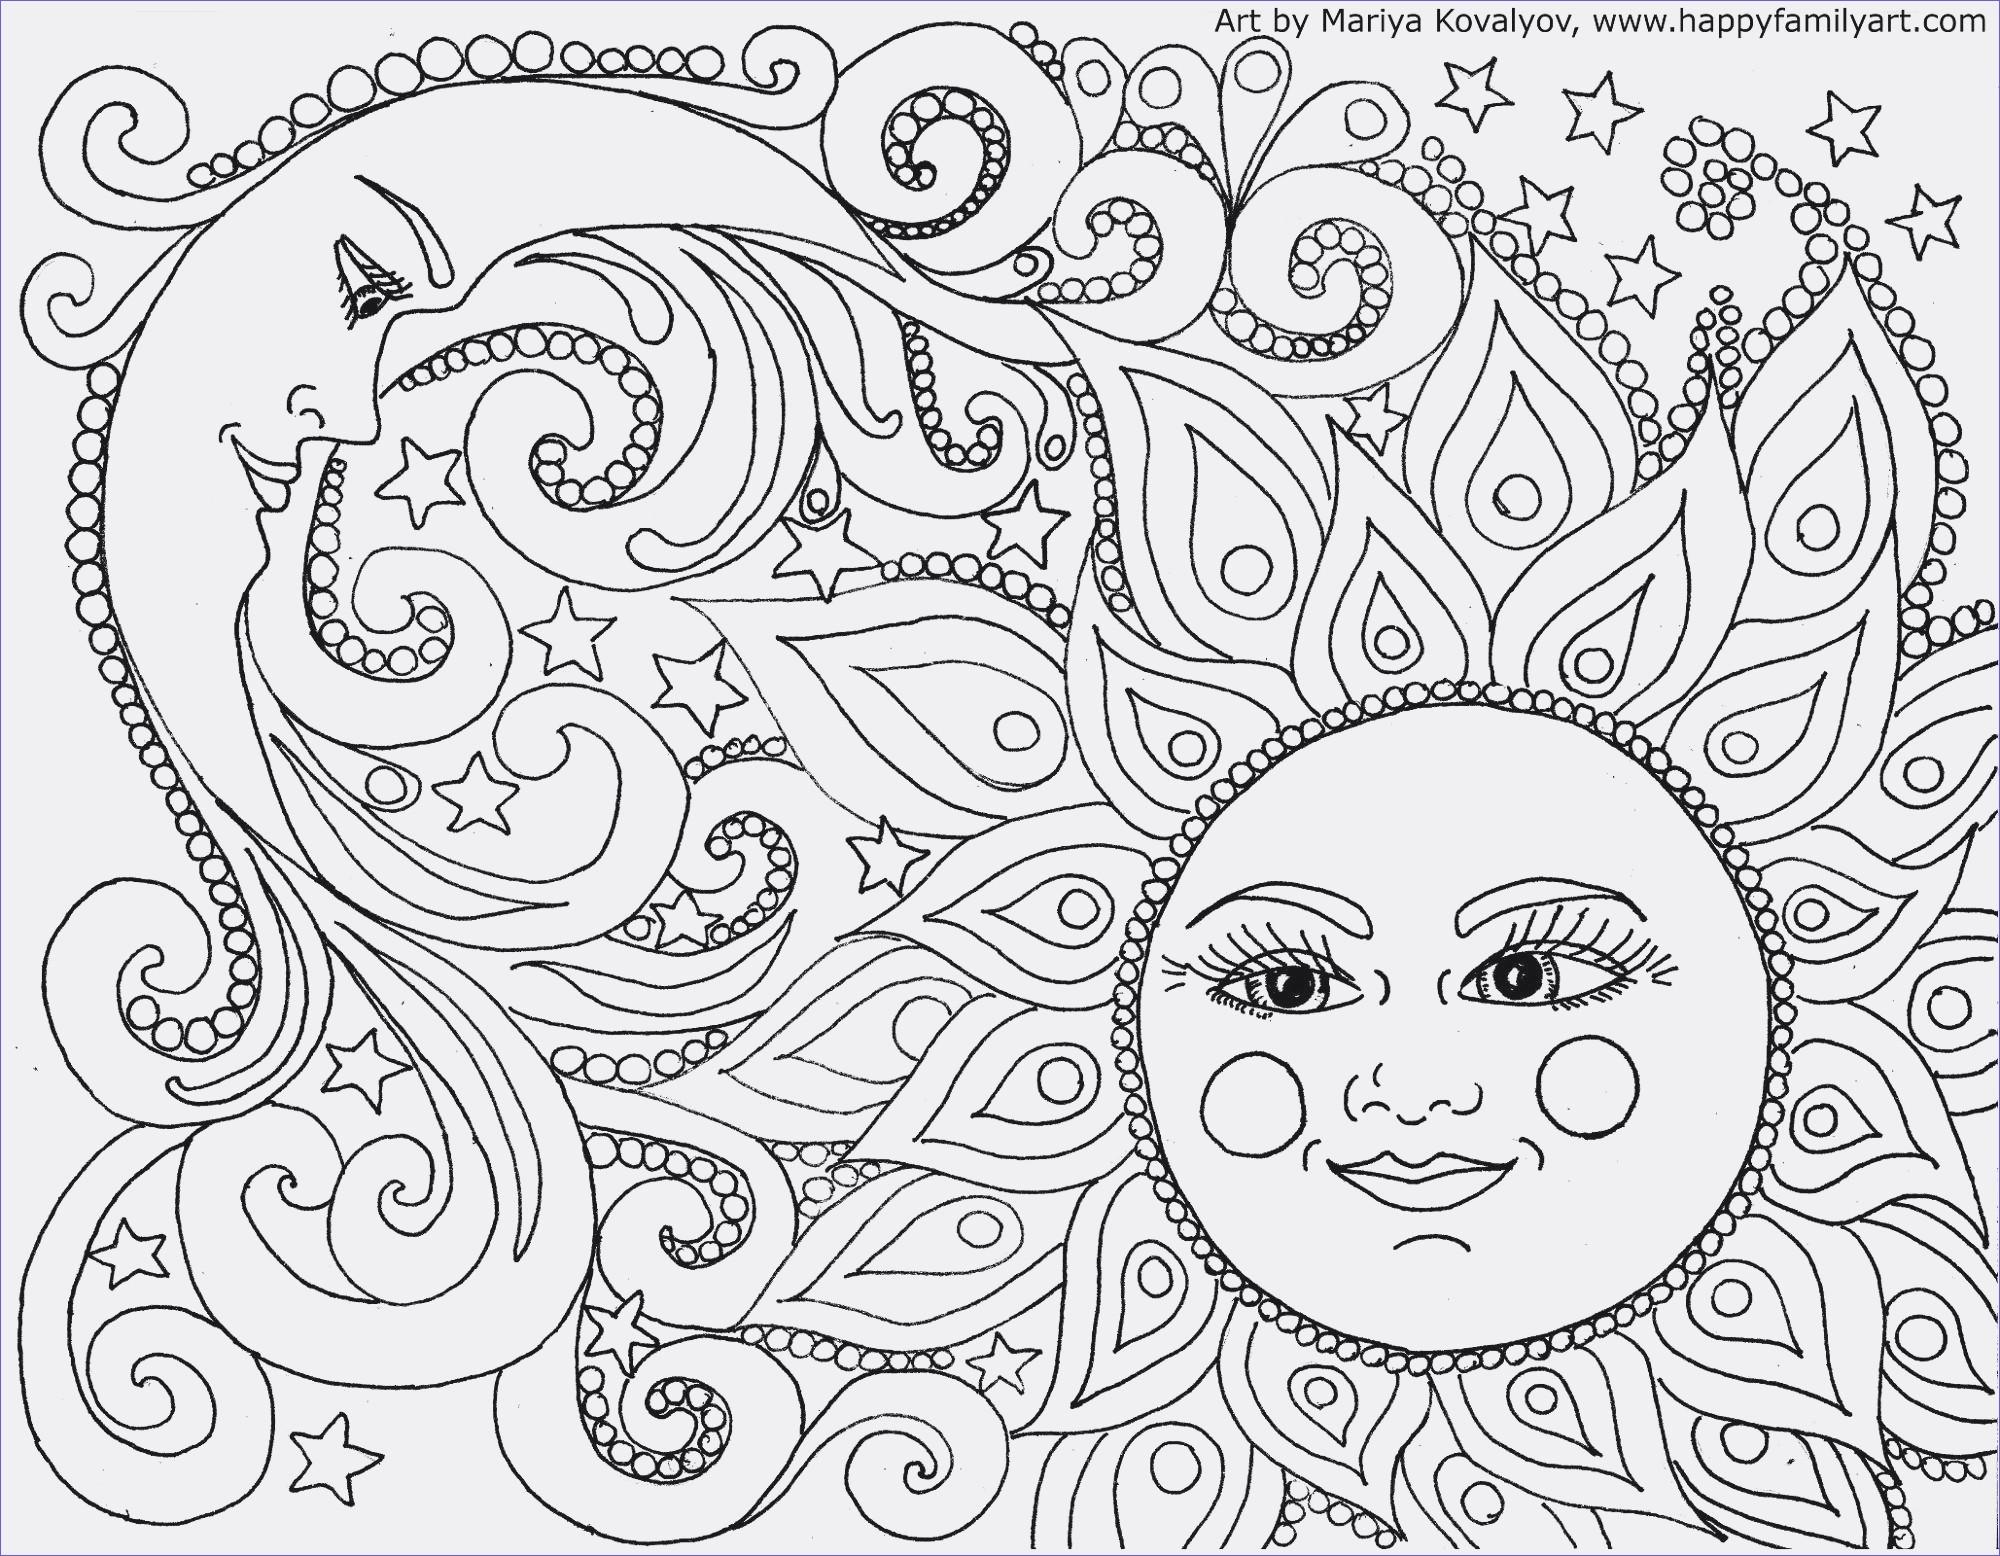 Herz Mandalas Zum Ausmalen Neu Ausmalbilder Mandala Erwachsene Bildergalerie & Bilder Zum Ausmalen Stock